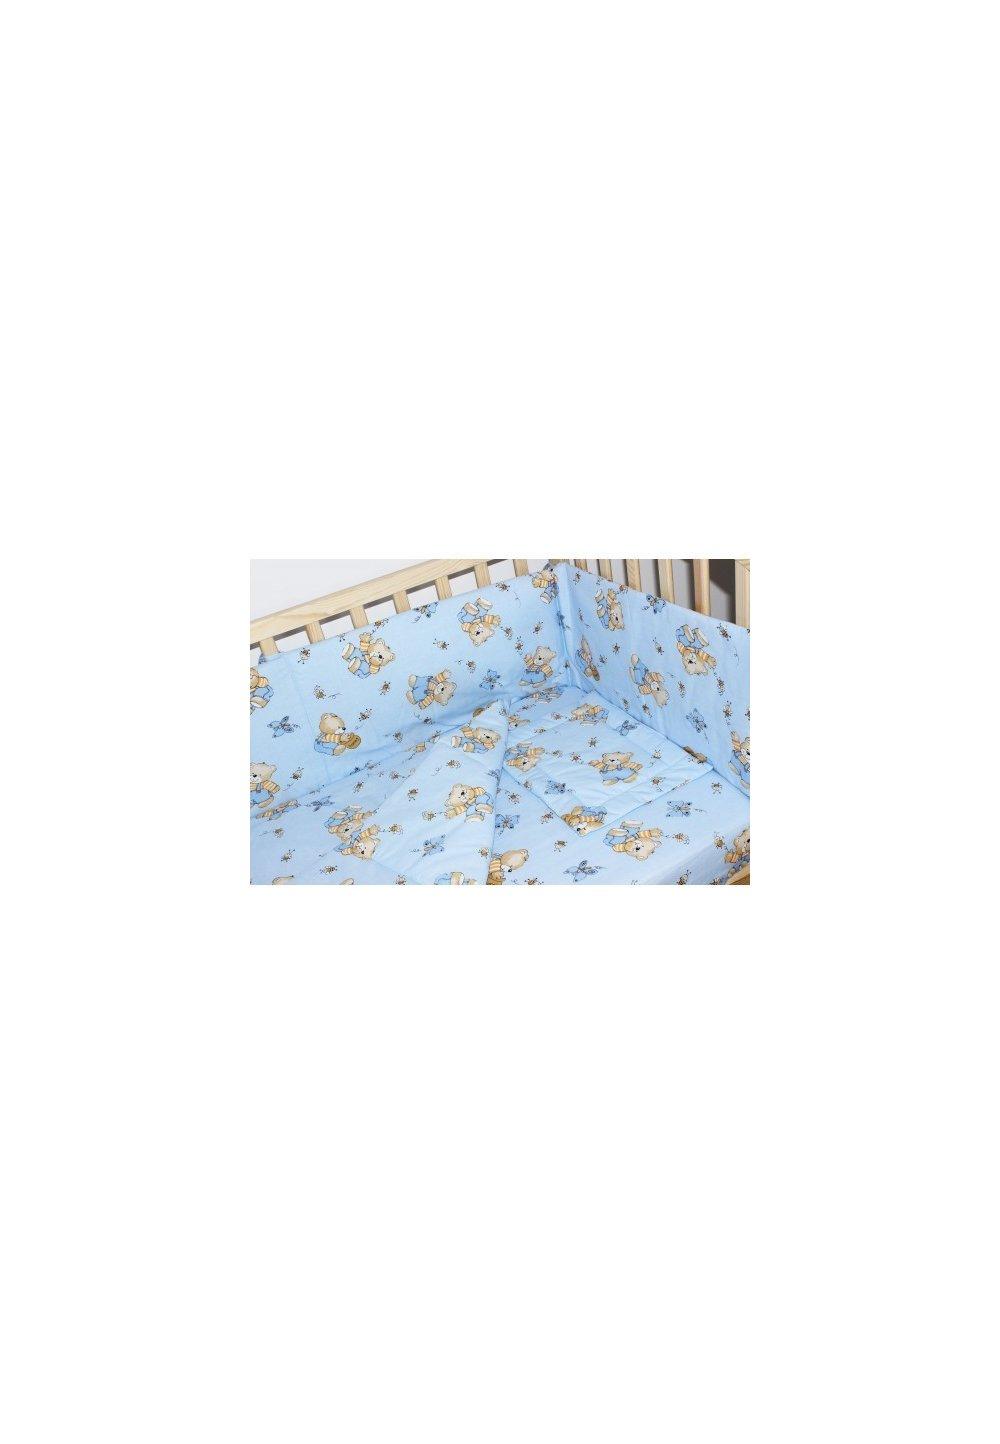 Lenjerie ursulet cu albinute albastre,5 piese 140x70cm imagine